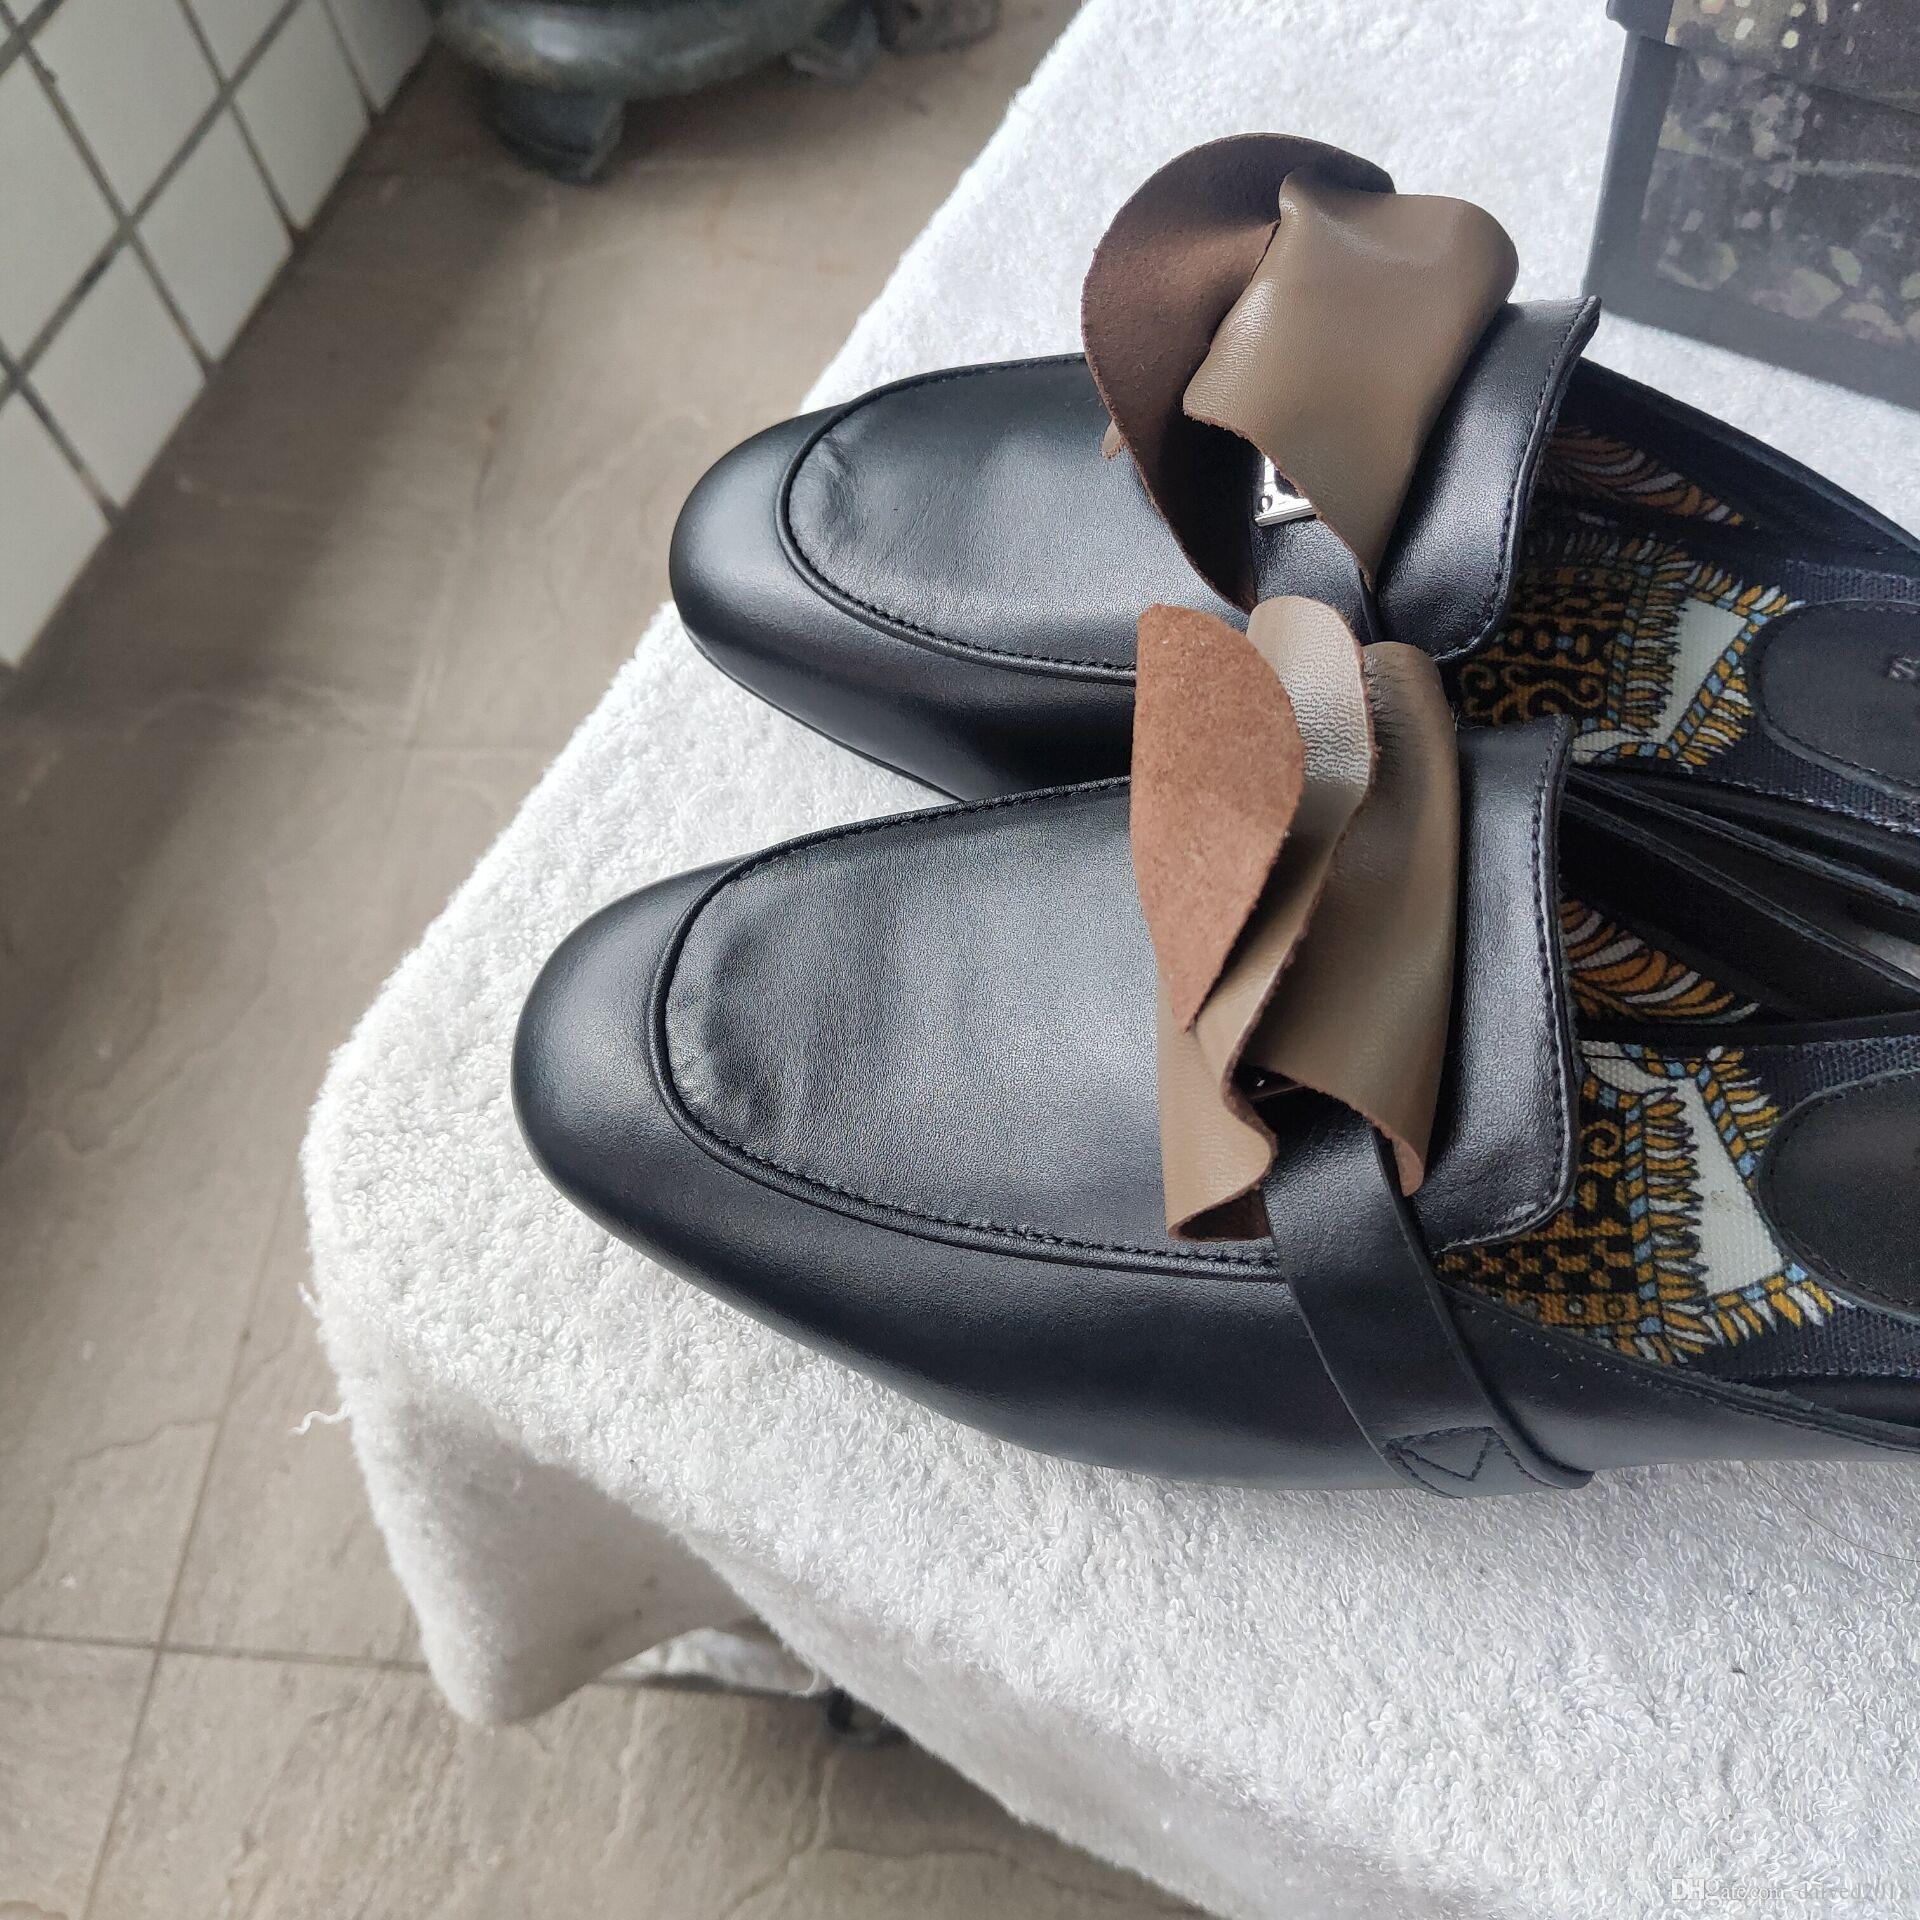 Zapatos de diseño clásico europeo, zapatillas para mujer, piel decorativa de metal decorativa, piel suave, estilos más coloridos